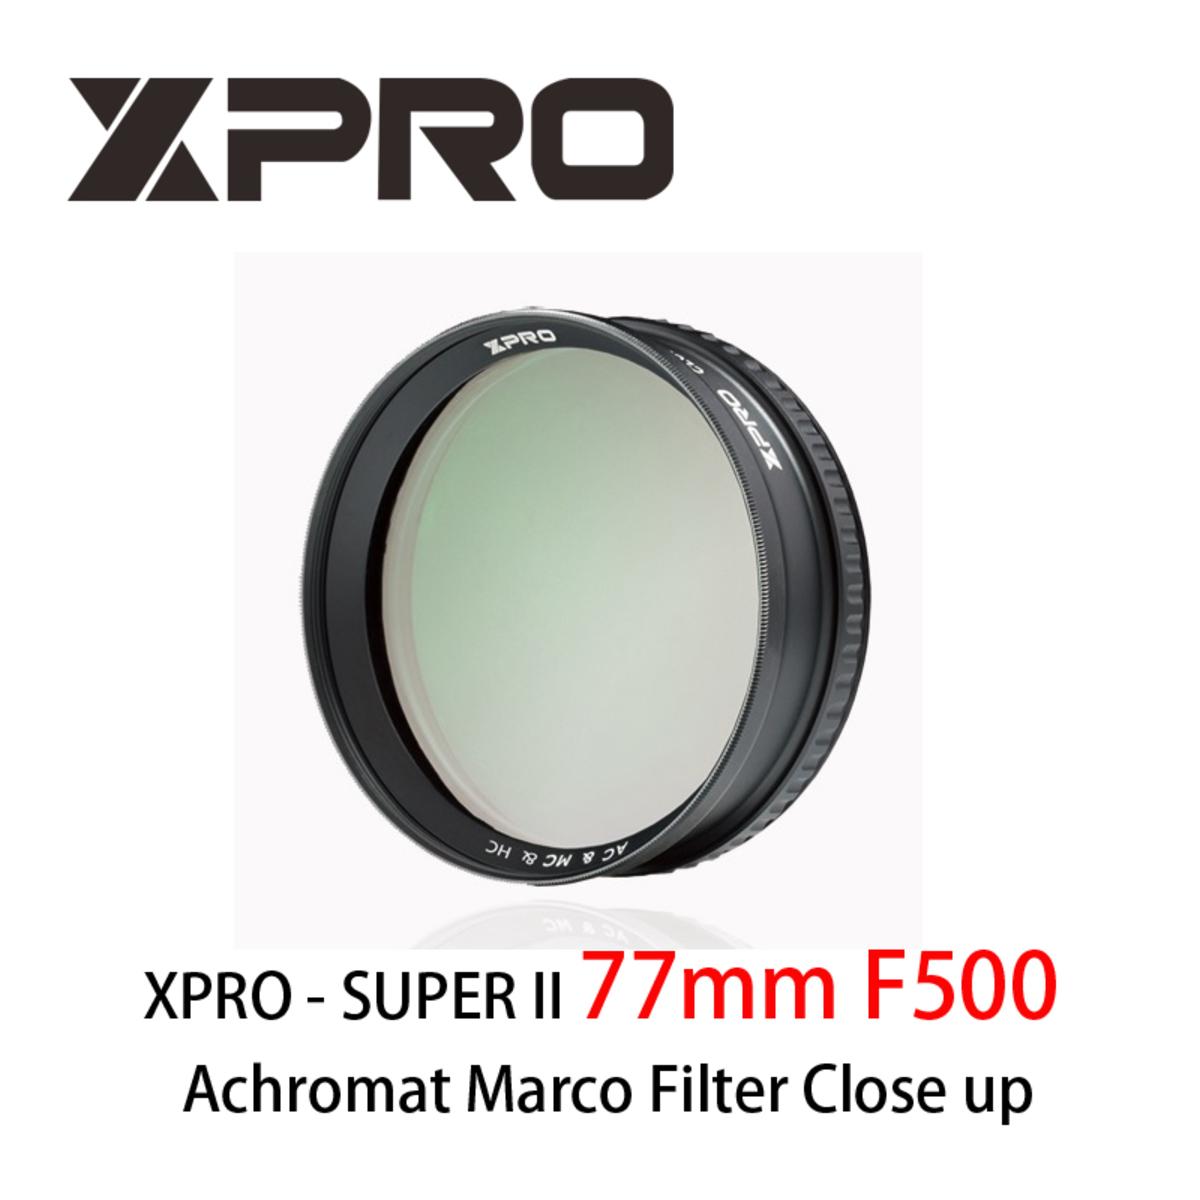 SUPER II 77mm F500 Achromat Marco Filter Close up 近攝鏡